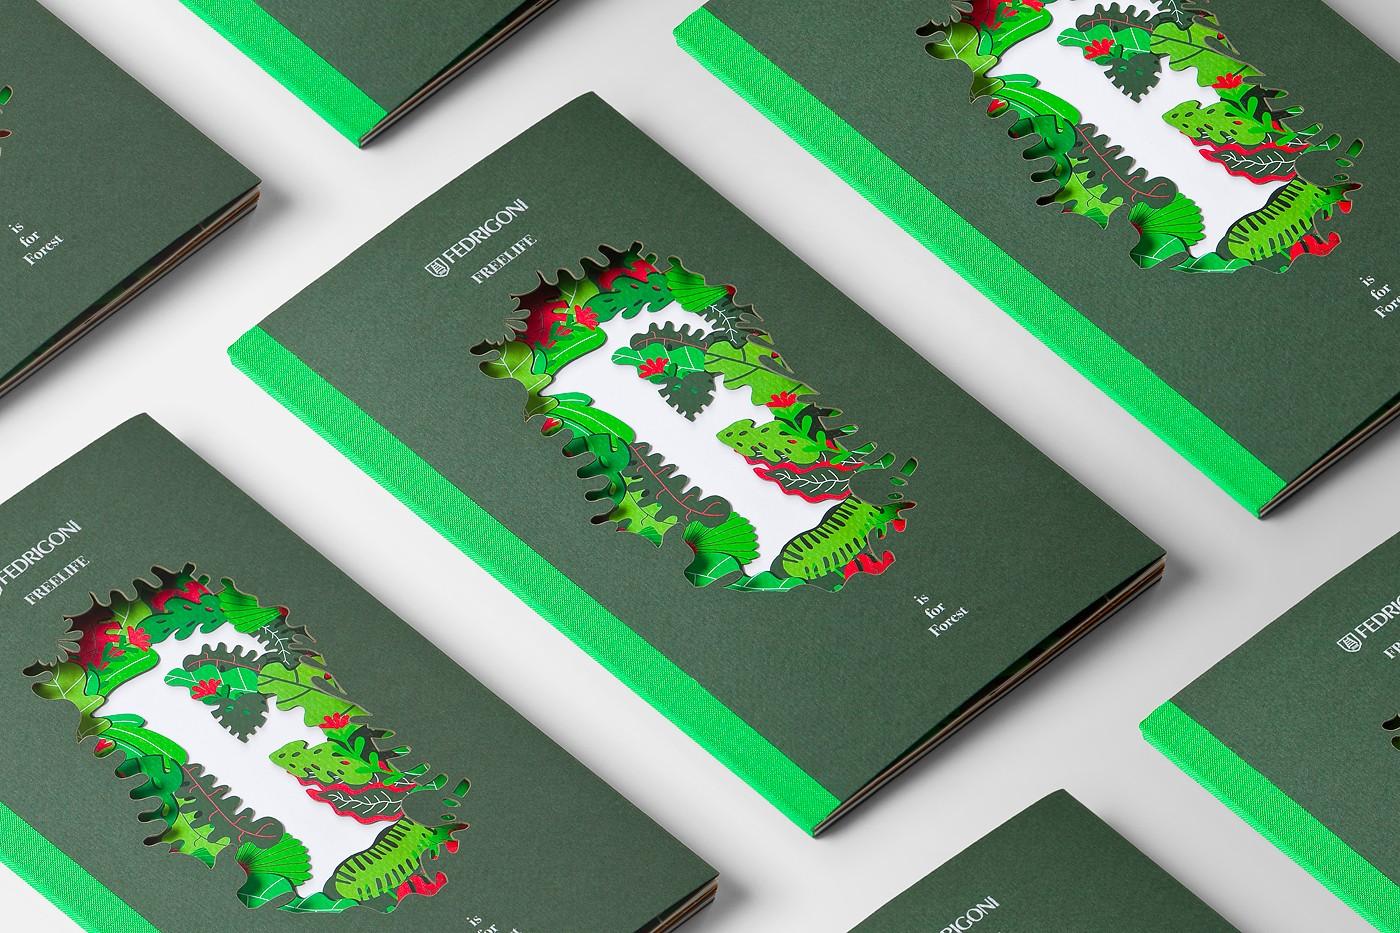 如何让成都产品包装设计广告更具吸引力?